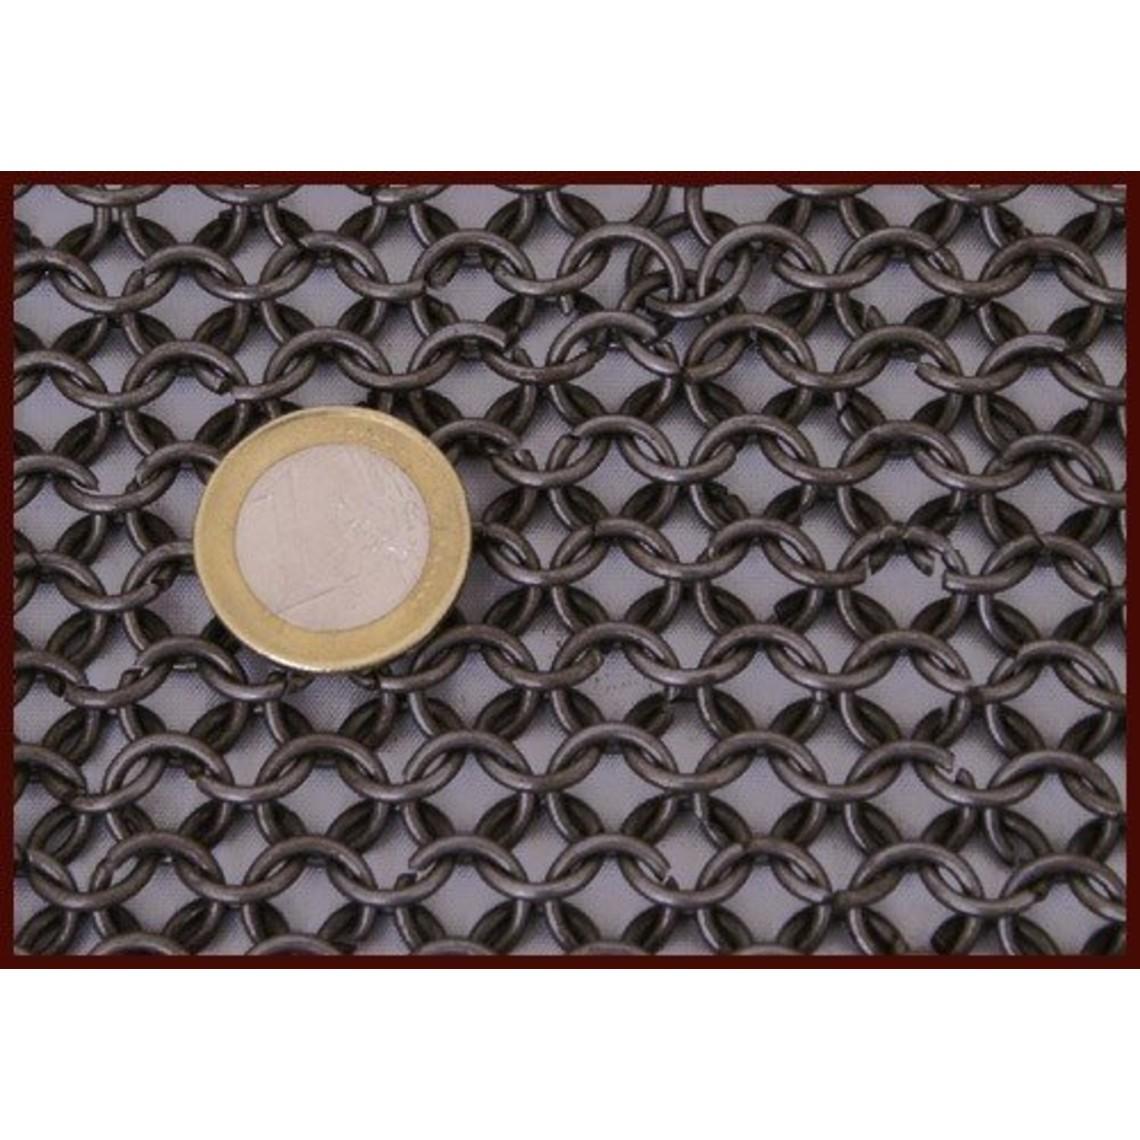 Ulfberth Maliënkolder met lange mouwen, onbehandeld, 8 mm